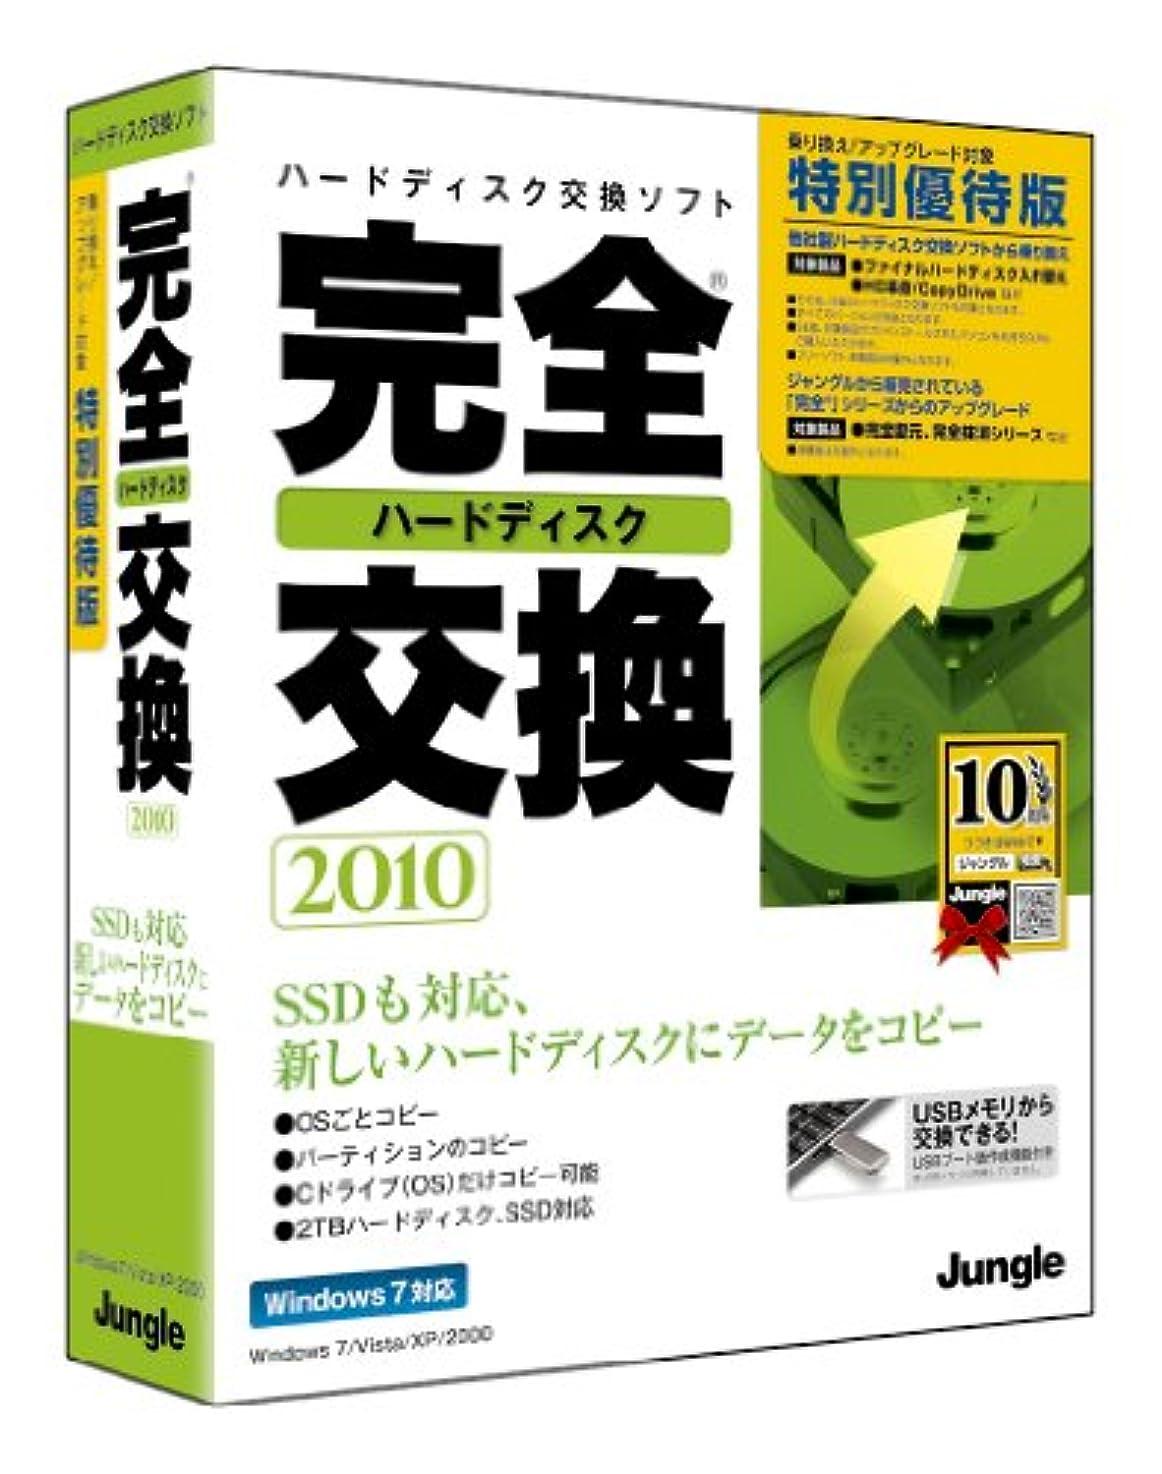 白菜生命体サドル完全ハードディスク交換2010 特別優待版